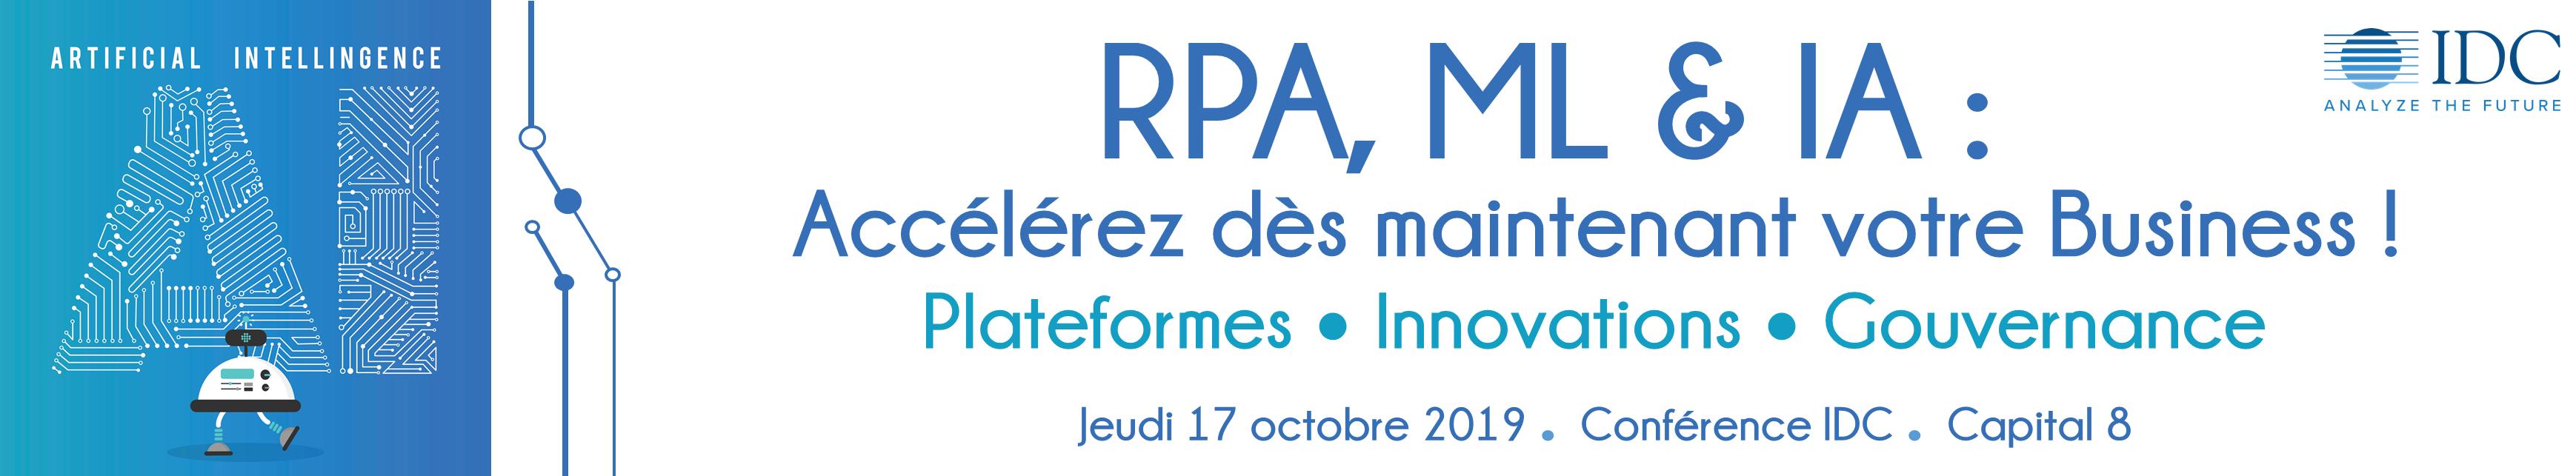 Conference IDC - RPA, ML & IA : Accélérez dès maintenant votre Business ! - 17 octobre